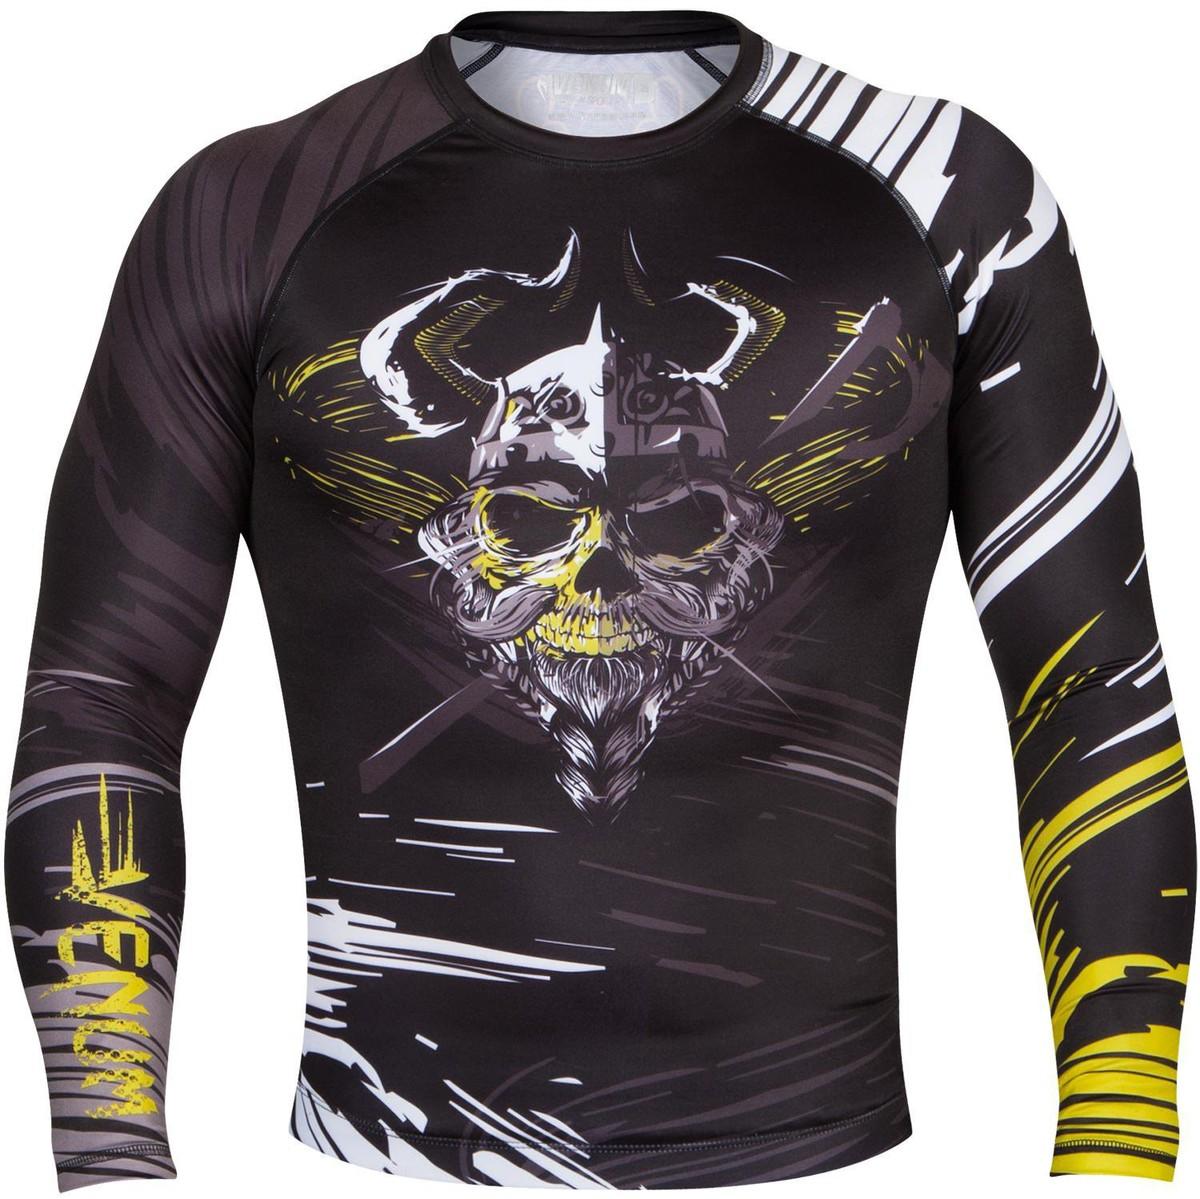 tričko pánské (termo) VENUM - Viking Rashguard - Black - 02542-001